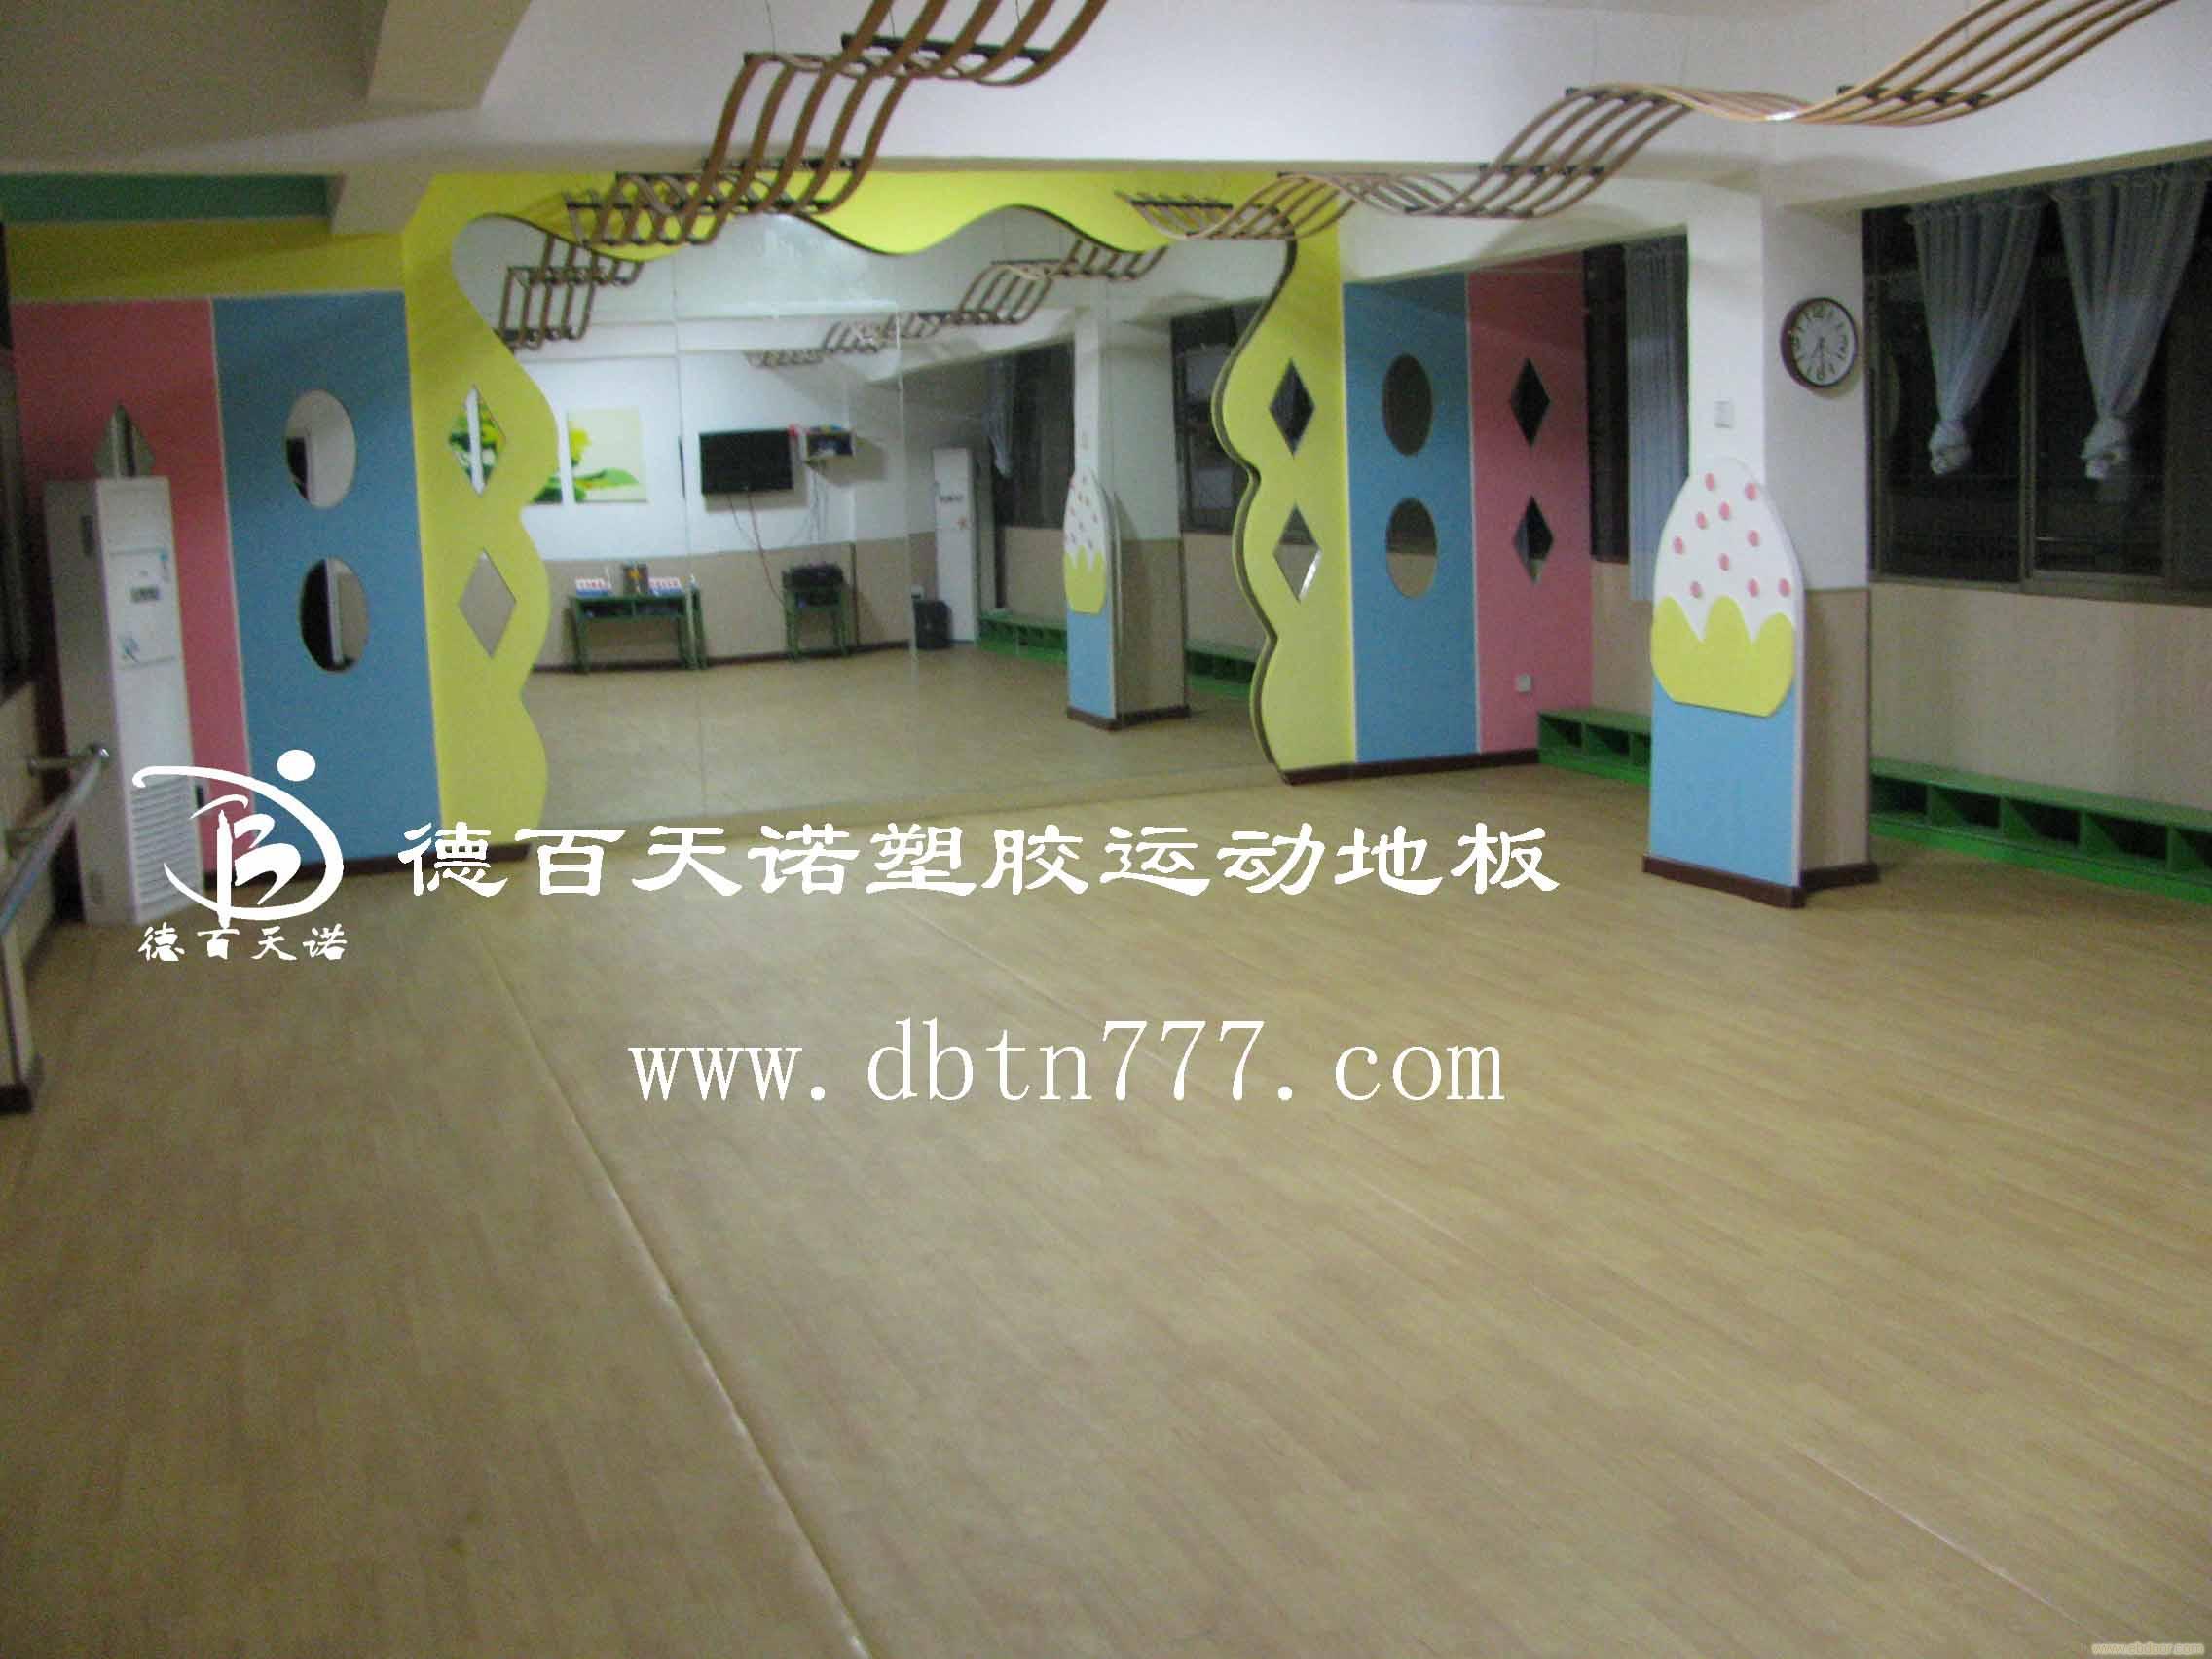 幼儿园pvc塑胶地板价格/德百天诺pvc塑胶运动地板8